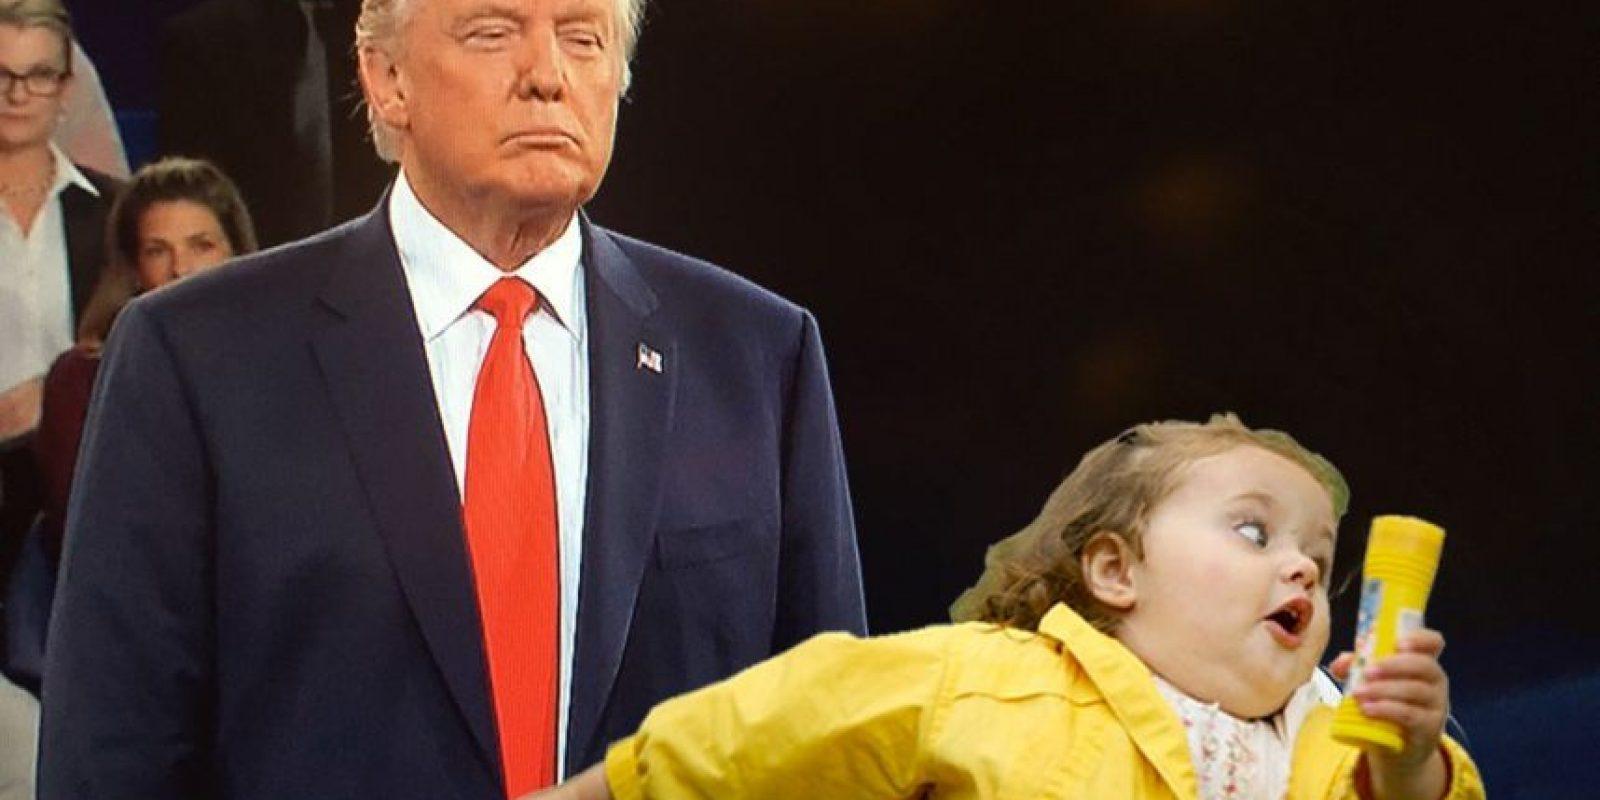 Algunos de los memes más destacados de la noche Foto:Twitter.com